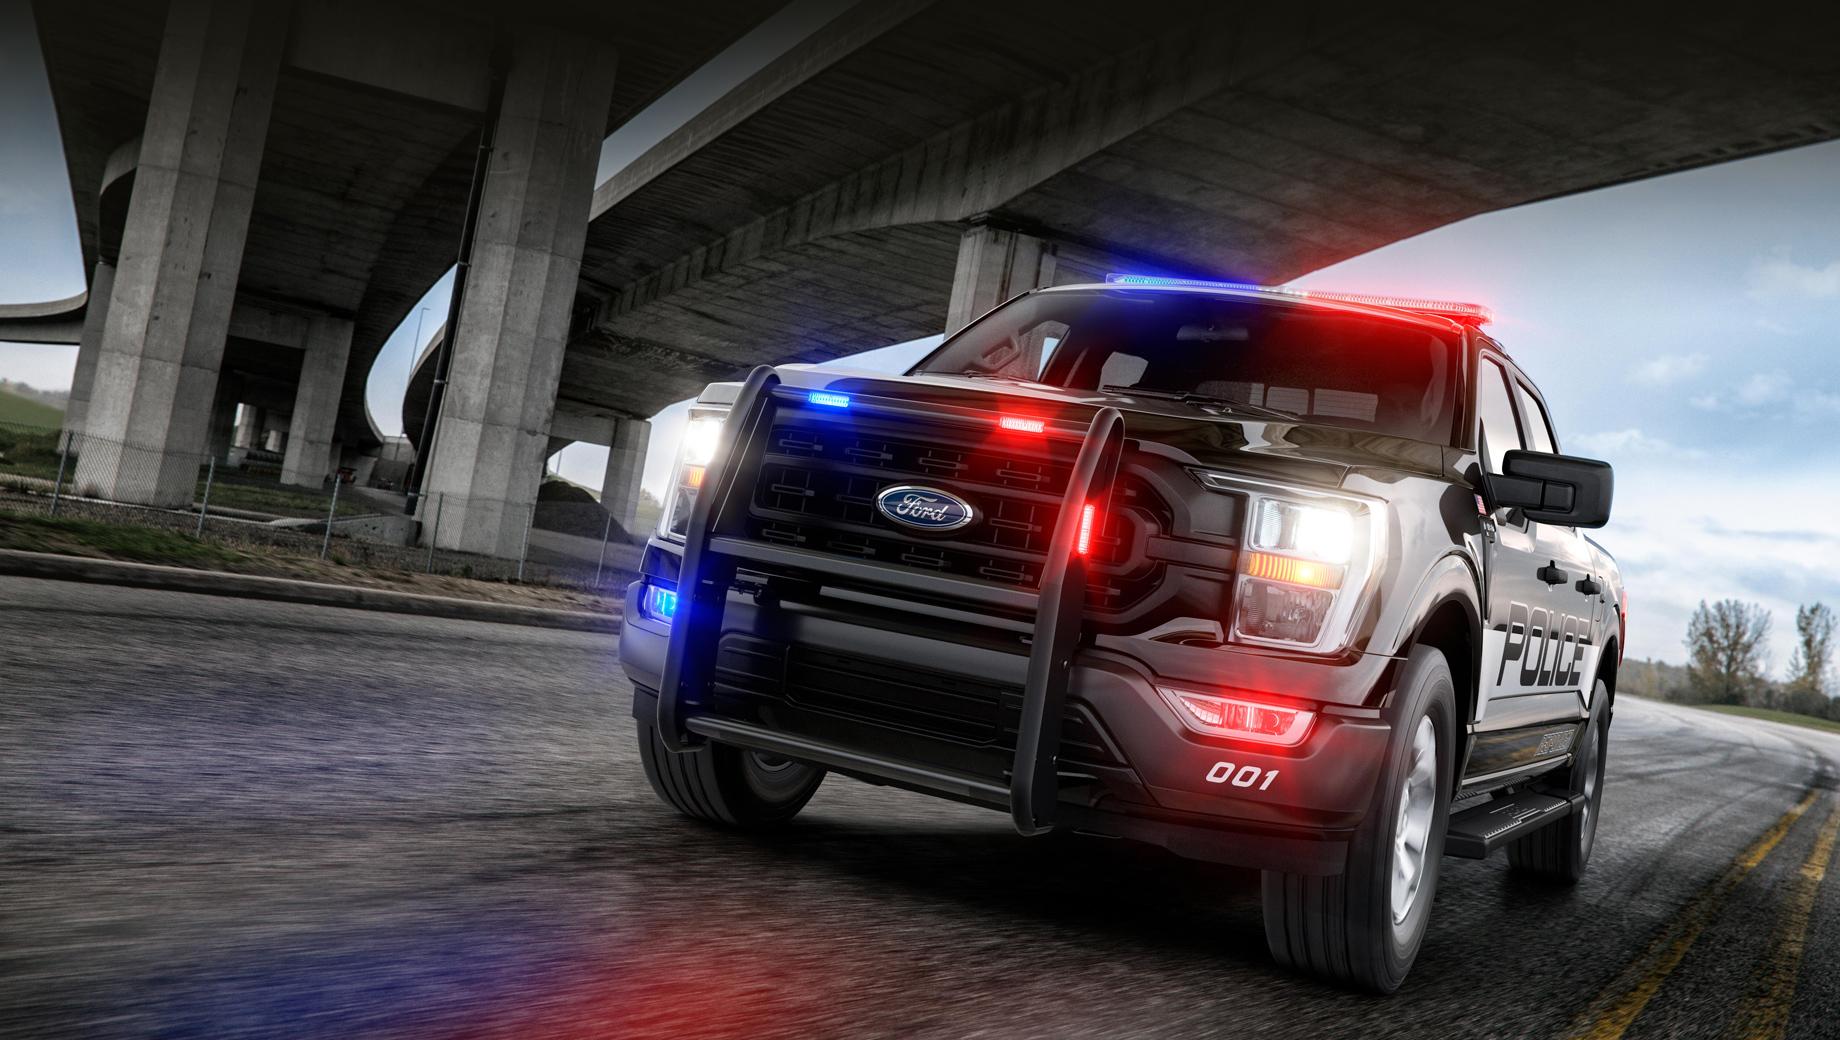 Ford f-150. Полиция просила Ford создать модель с высокой способностью к буксировке, хорошей вместимостью для оборудования, не пасующую вне асфальта, но при этом динамичную. Итогом работы стал единственный в Америке пикап с так называемым рейтингом преследования.